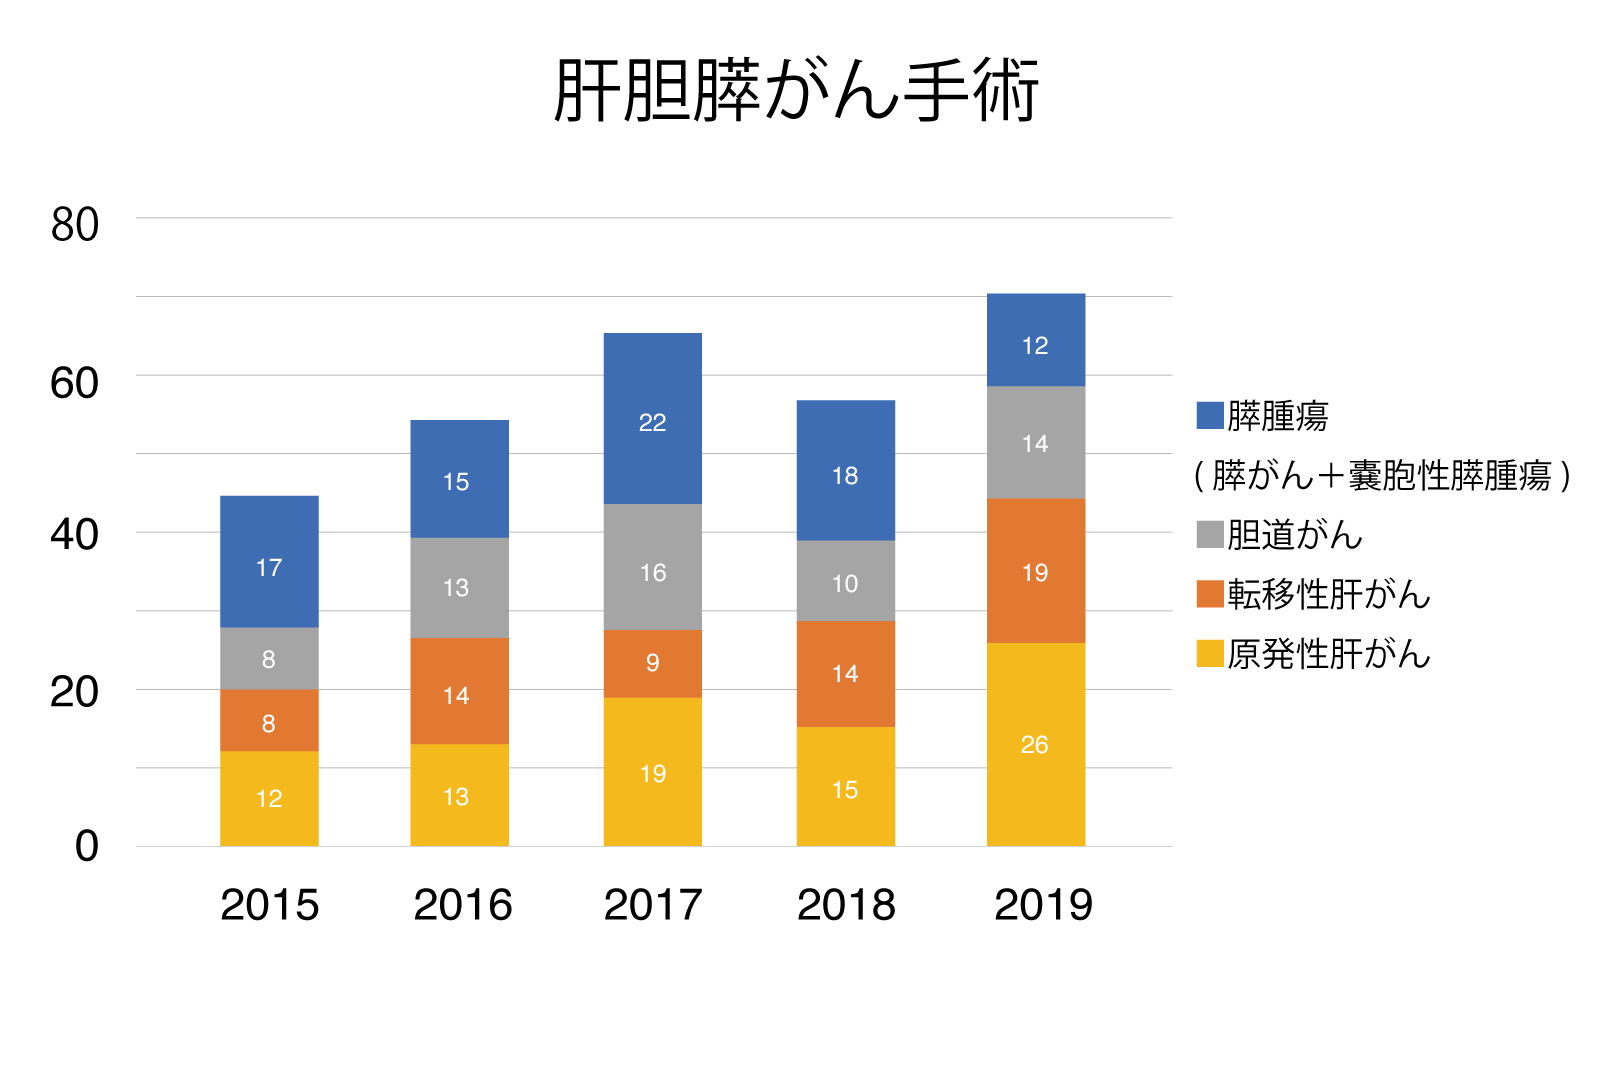 肝胆膵がん手術 グラフ